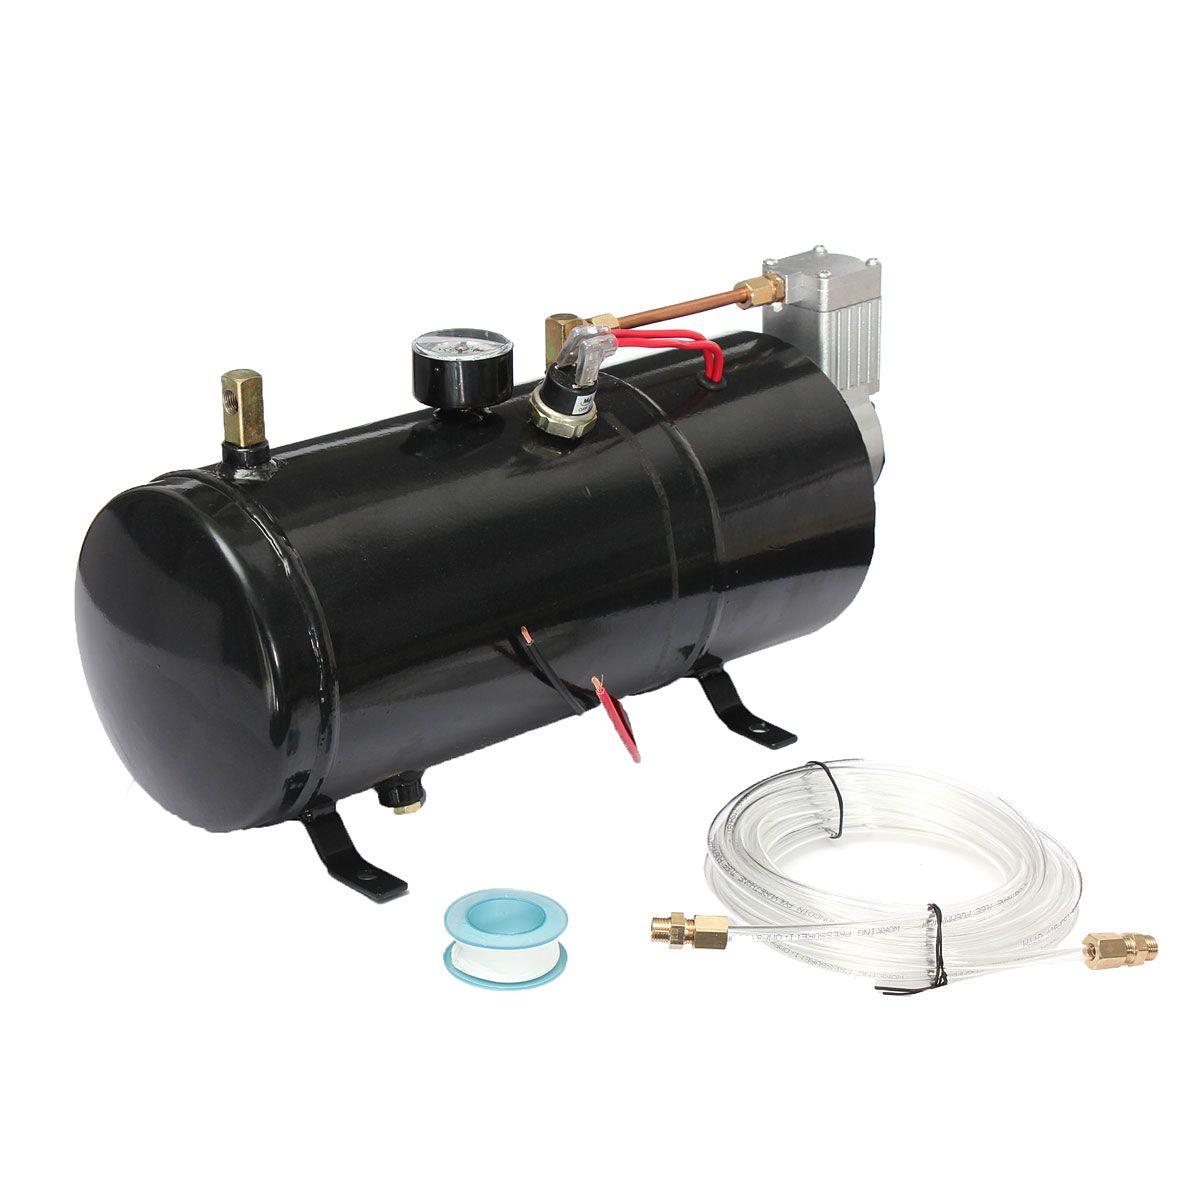 Für Air Horn Zug Lkw Auto Fahrräder Reifen l110 PSI 24 V Kompressor Elektrische Luft Kompressor mit 3 liter Tank kapazität H004 B1